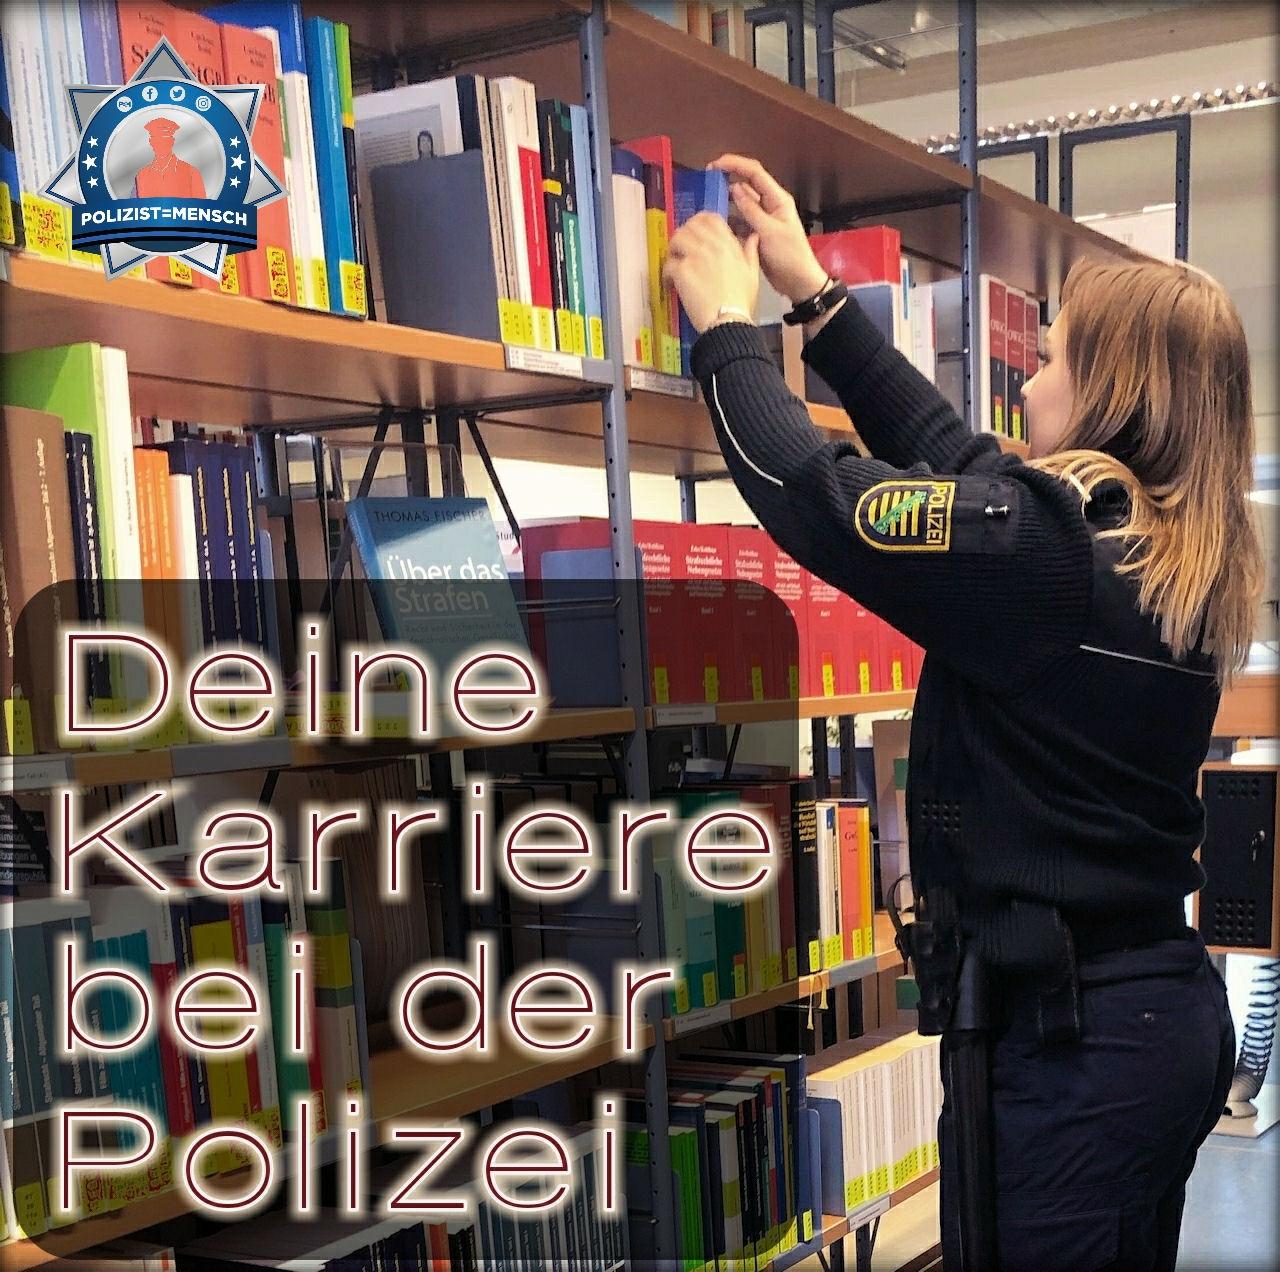 Euer Foto auf Polizist=Mensch